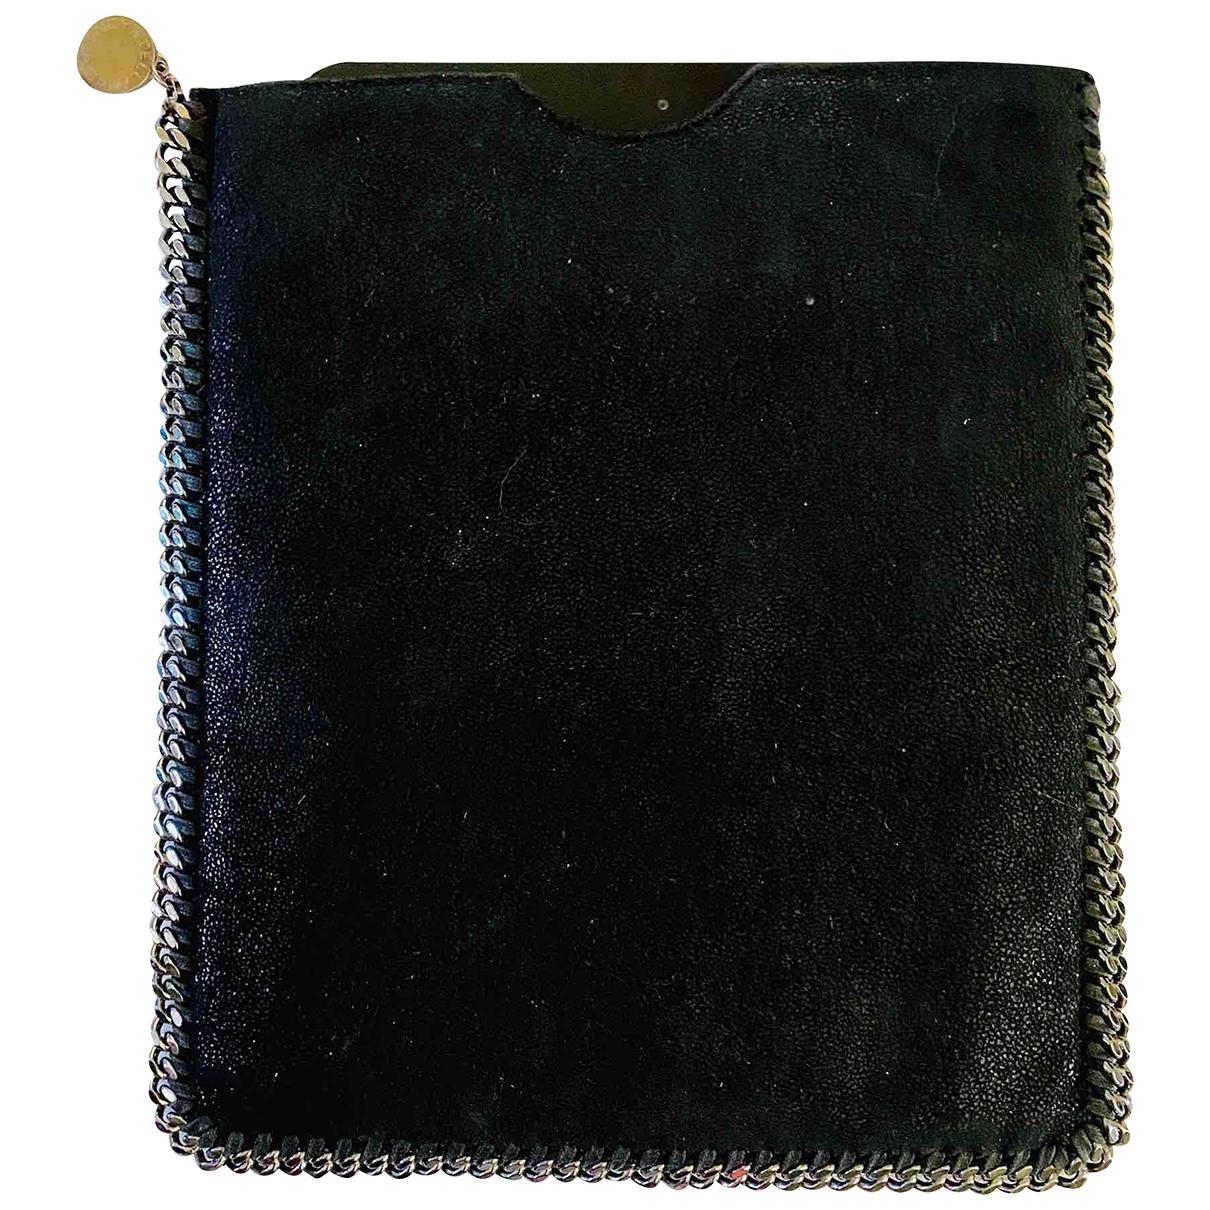 Stella Mccartney - Accessoires   pour lifestyle en cuir - anthracite